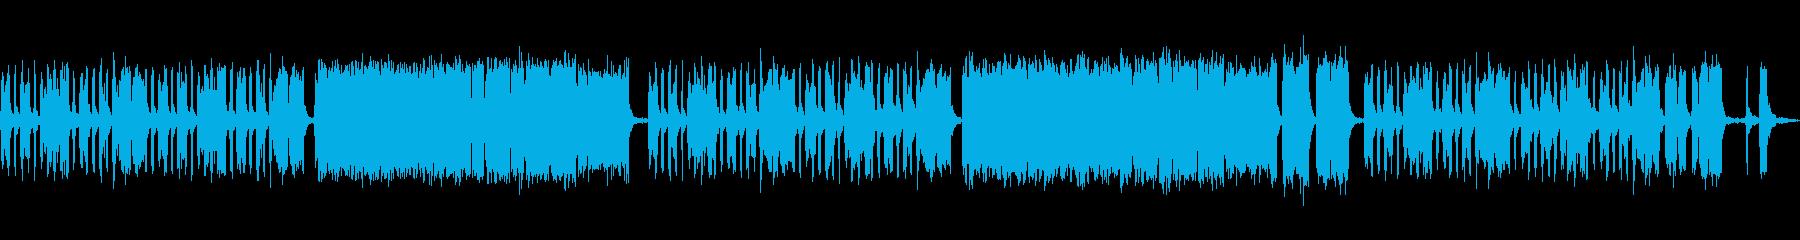 昔語り風なアコーディオン(ハーモニカ?)の再生済みの波形